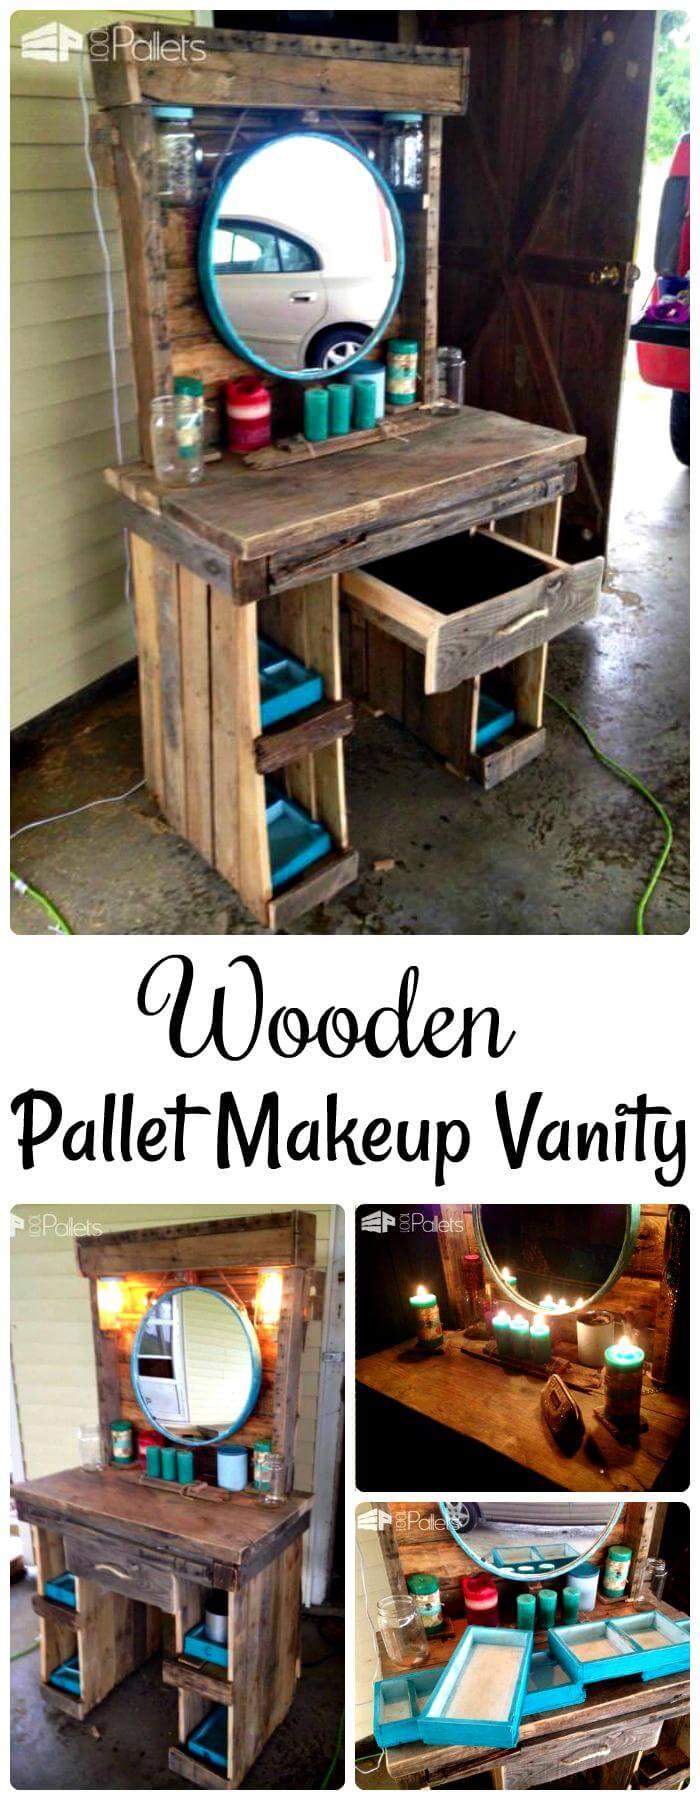 DIY wooden pallet makeup vanity